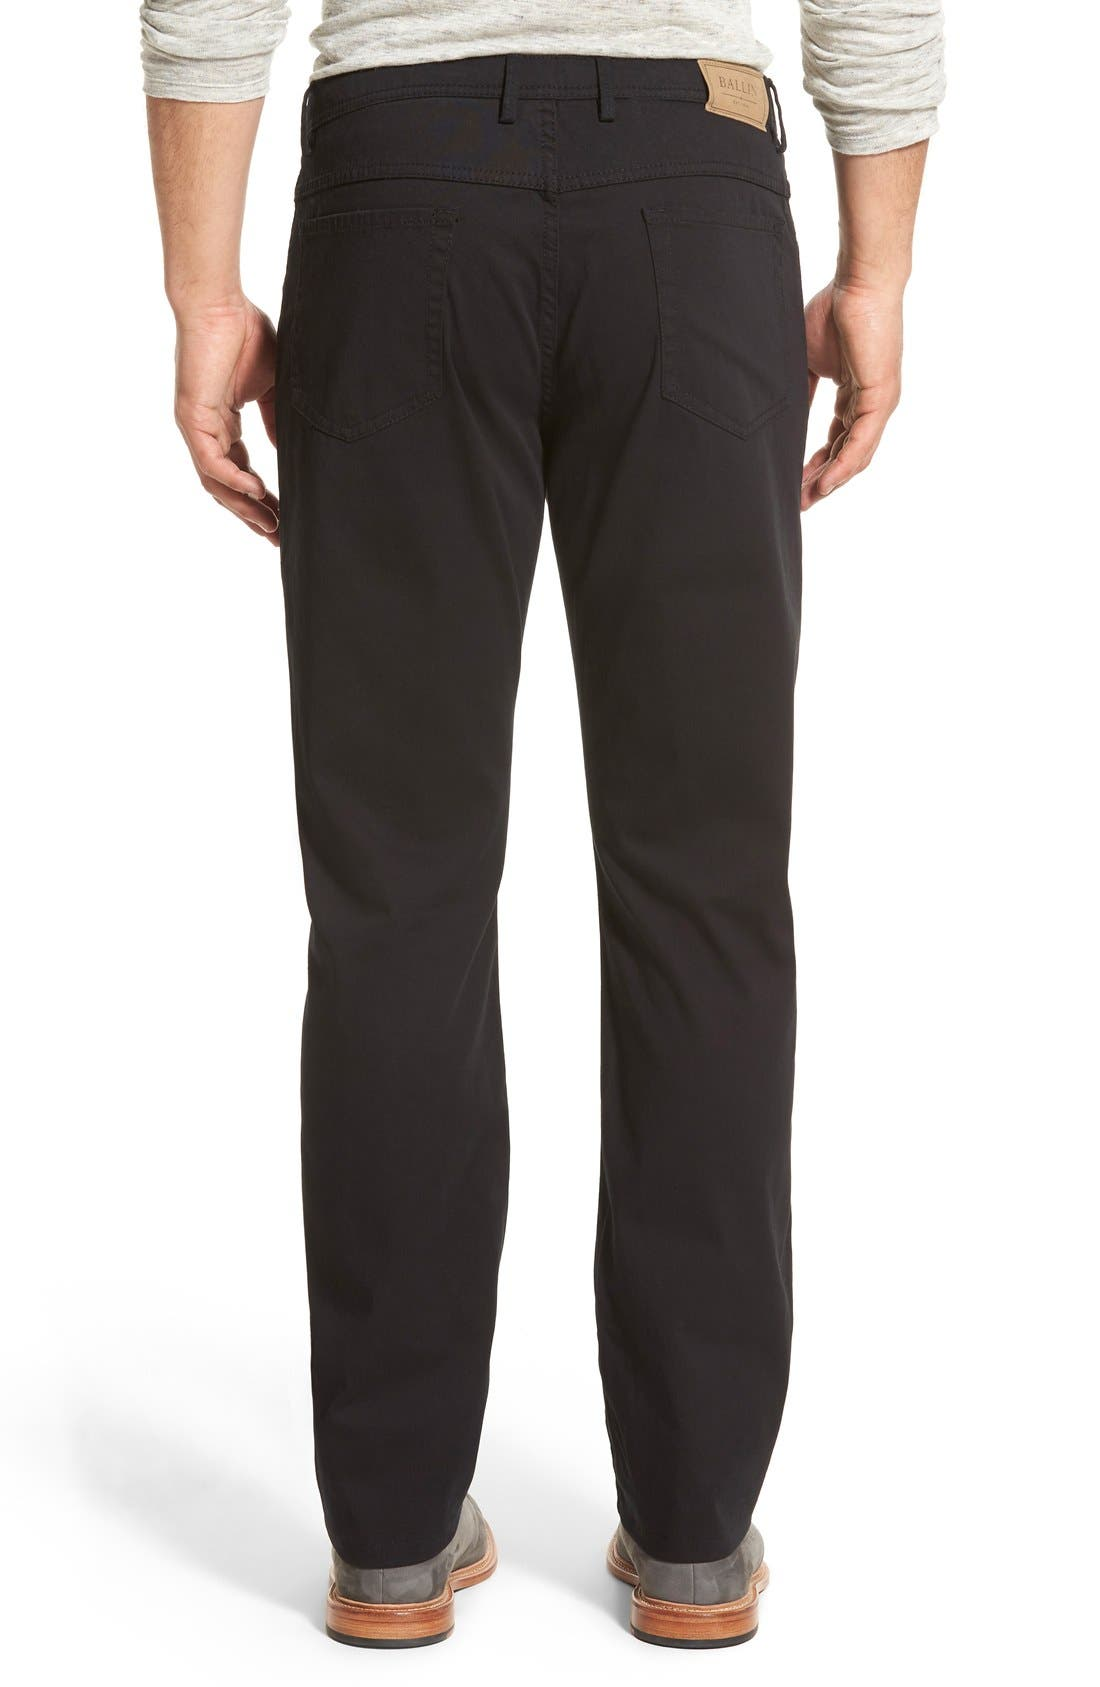 Crescent Pima Cotton Pants,                             Alternate thumbnail 2, color,                             001